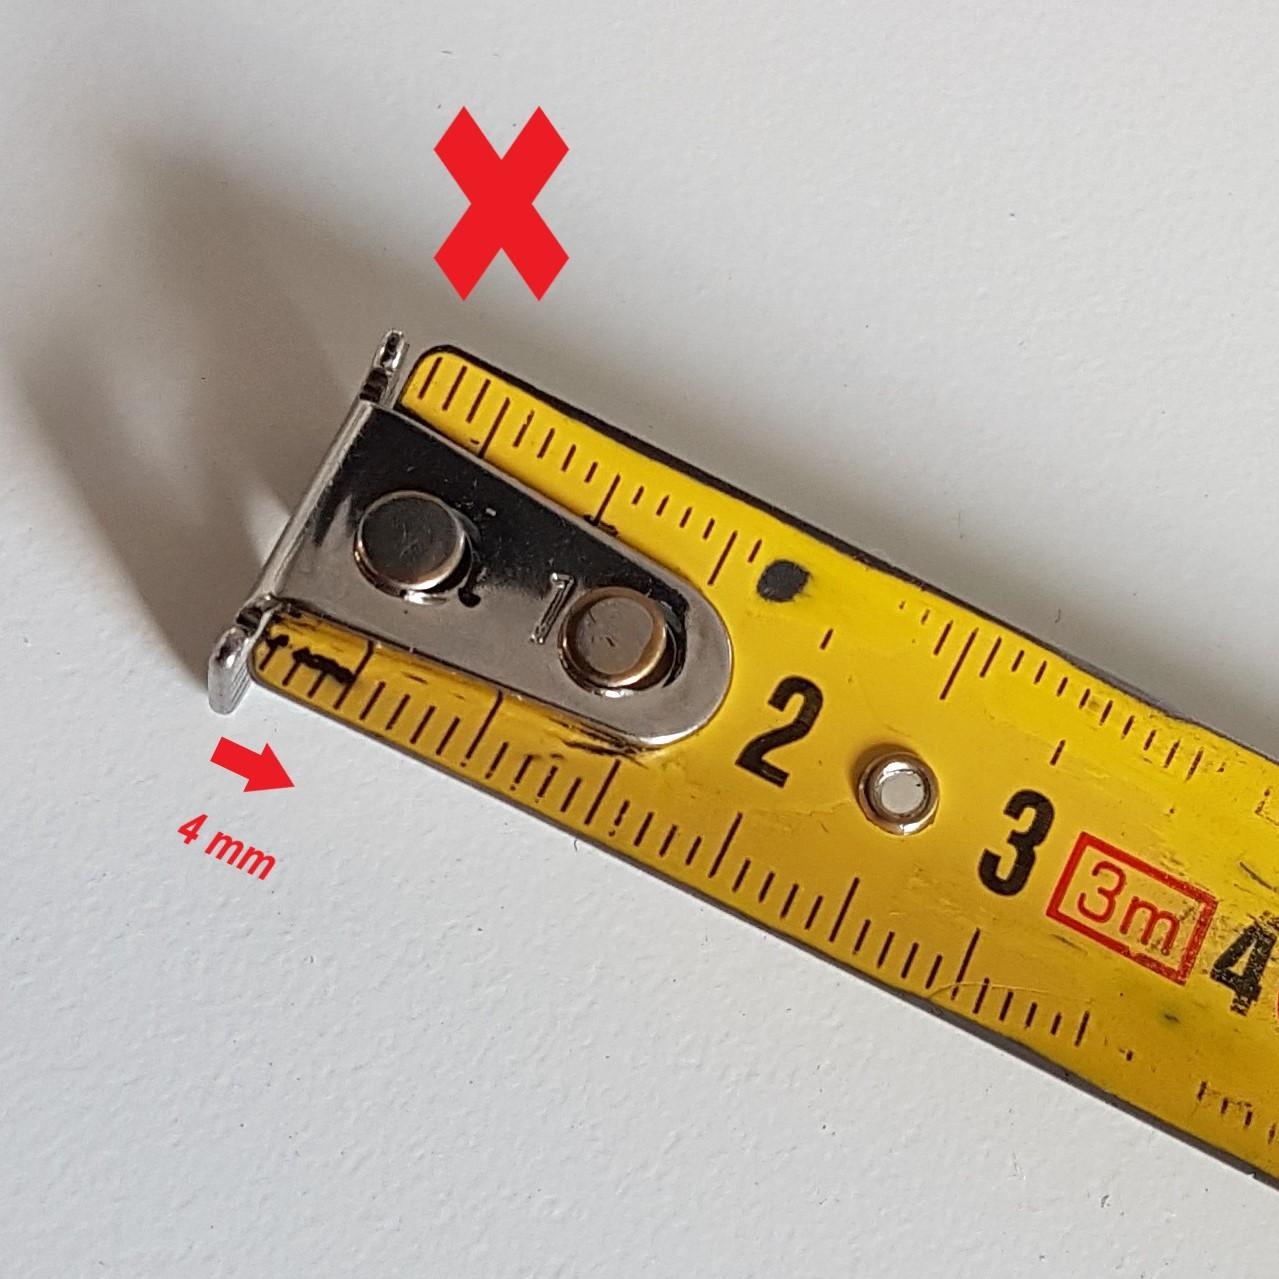 Mauvaise utilisation du mètre